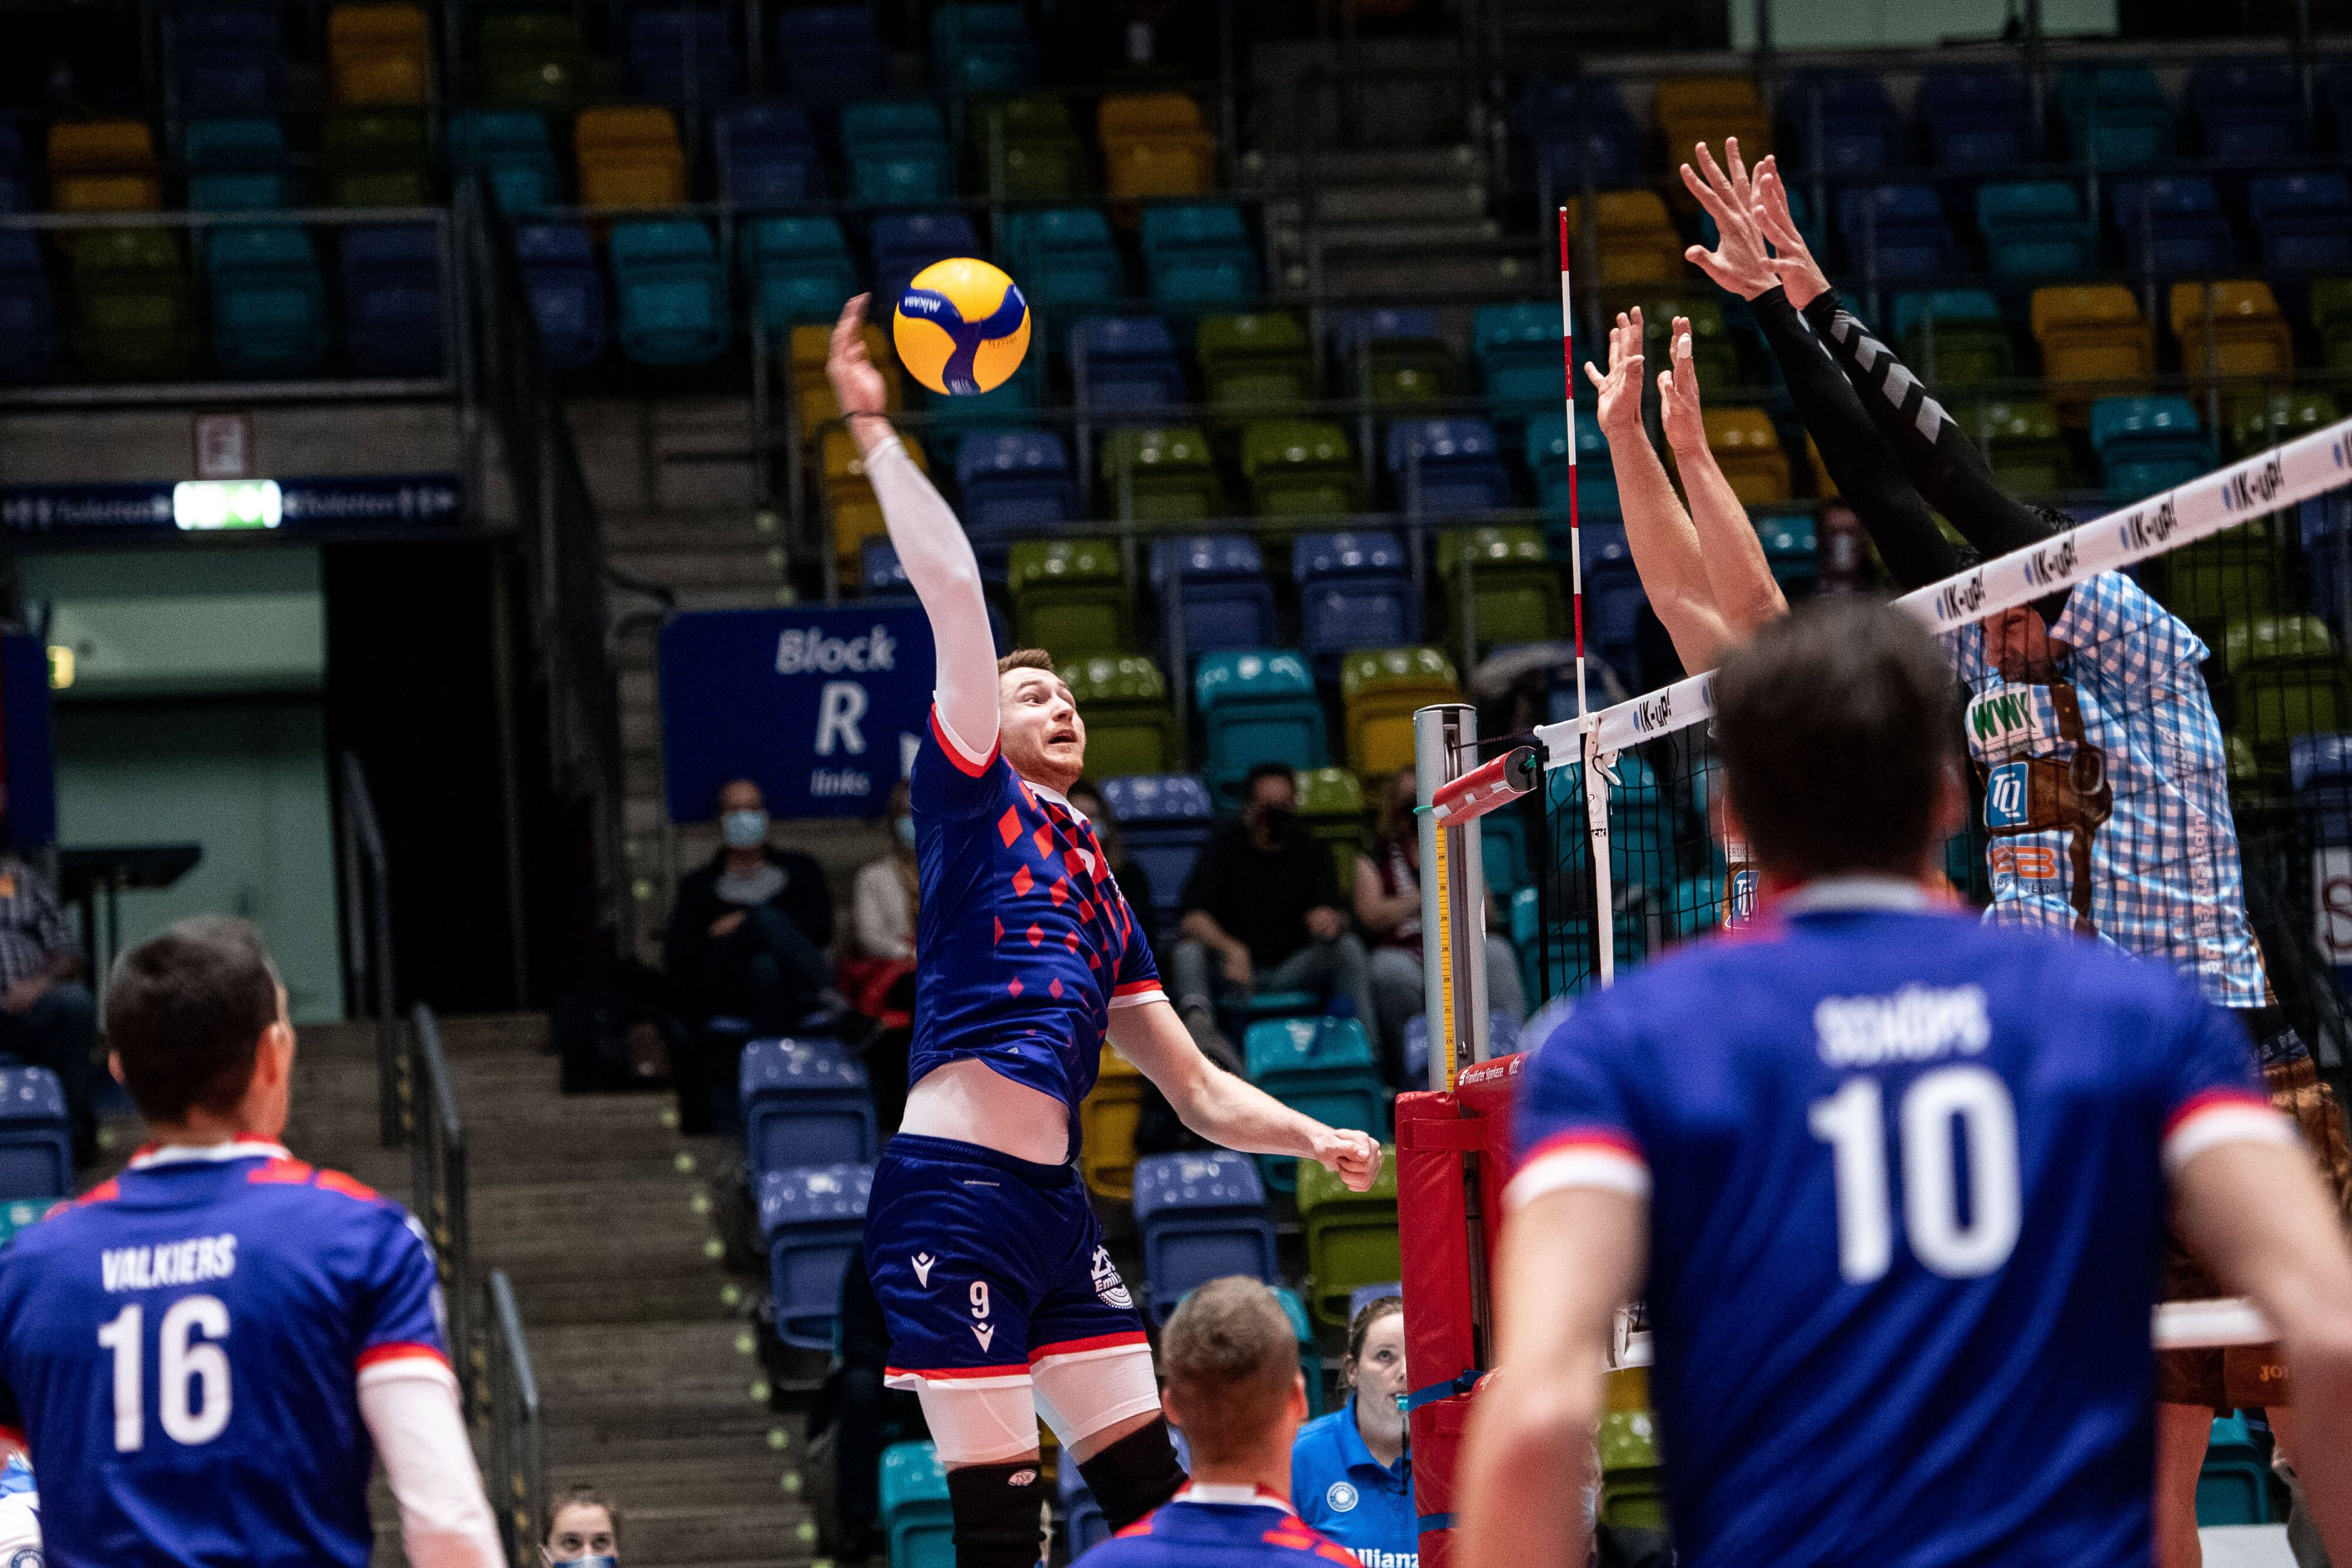 'Факел' выиграл у 'Урала' в Кубке России по волейболу